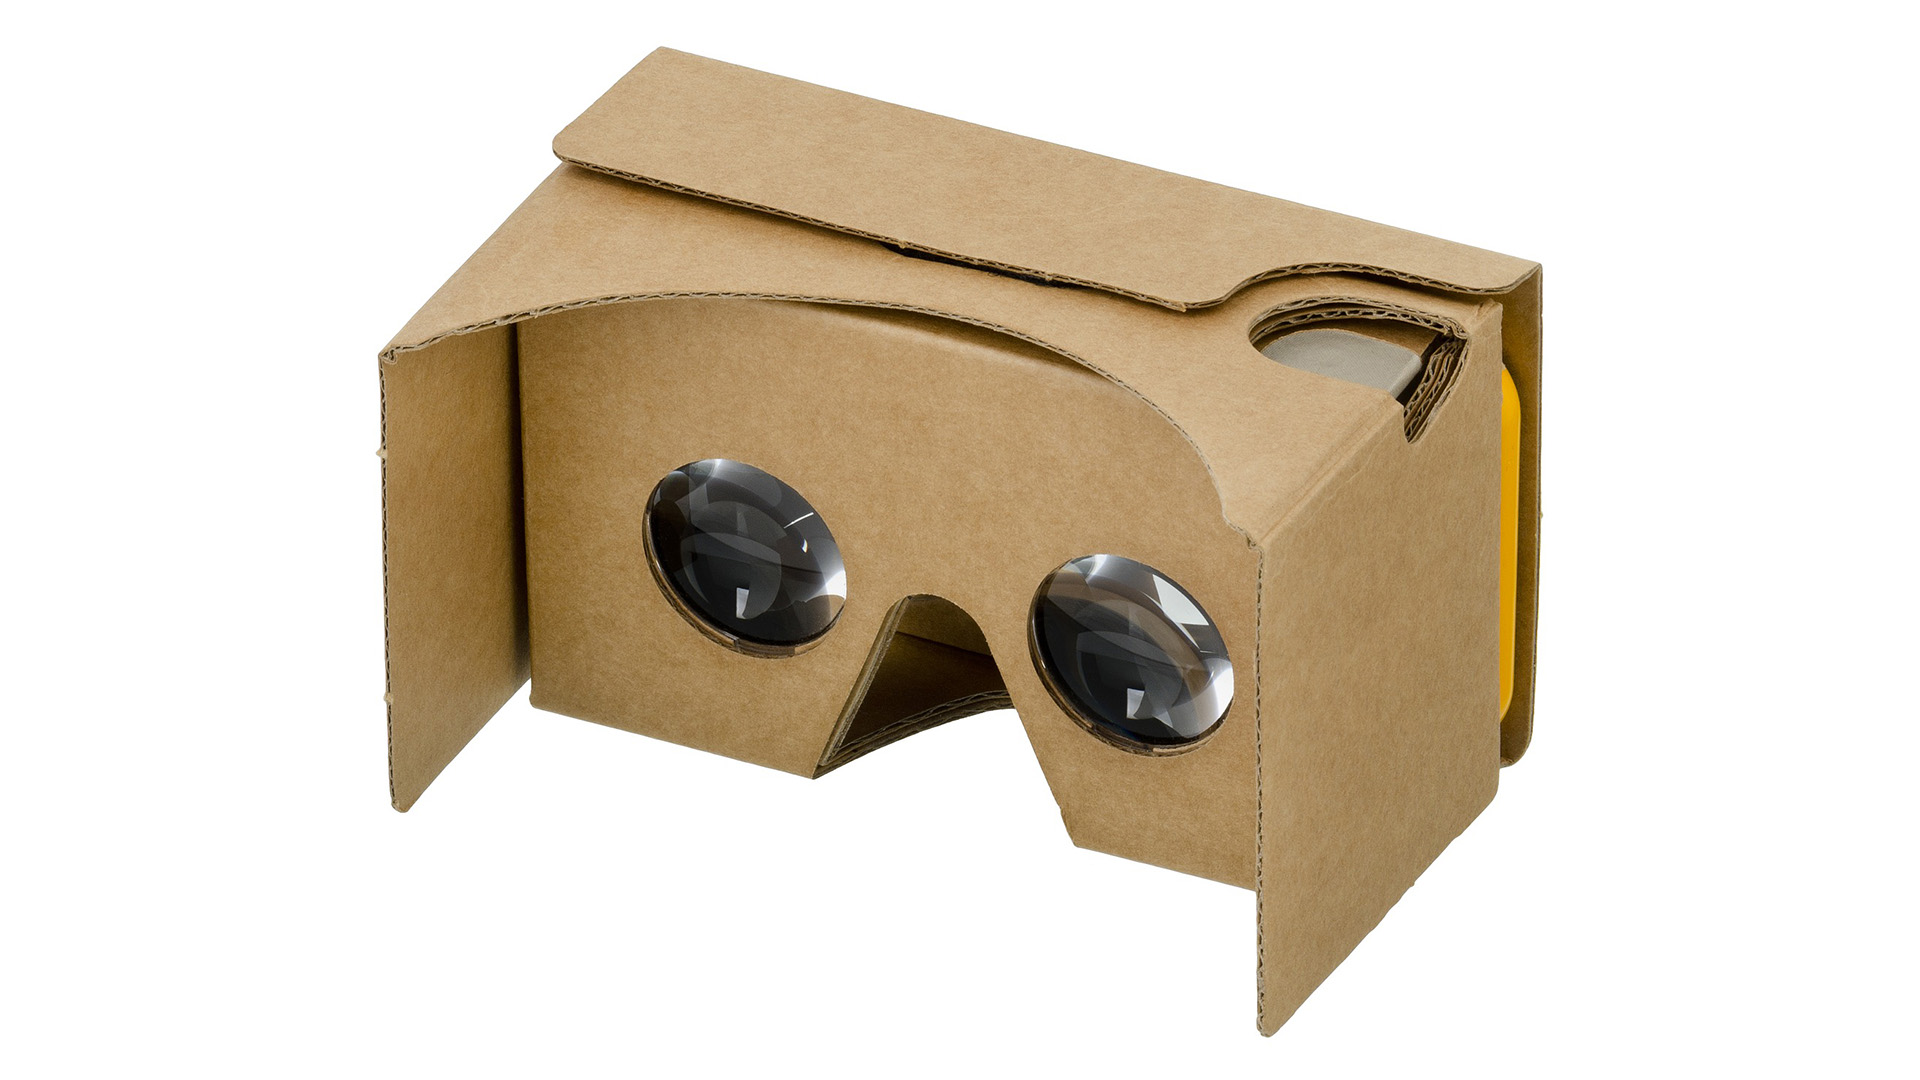 Realidad-Virtual-Cardboard-Gafas-de-realidad-virtual-de-carton-VR-GrupoAudiovisual_low